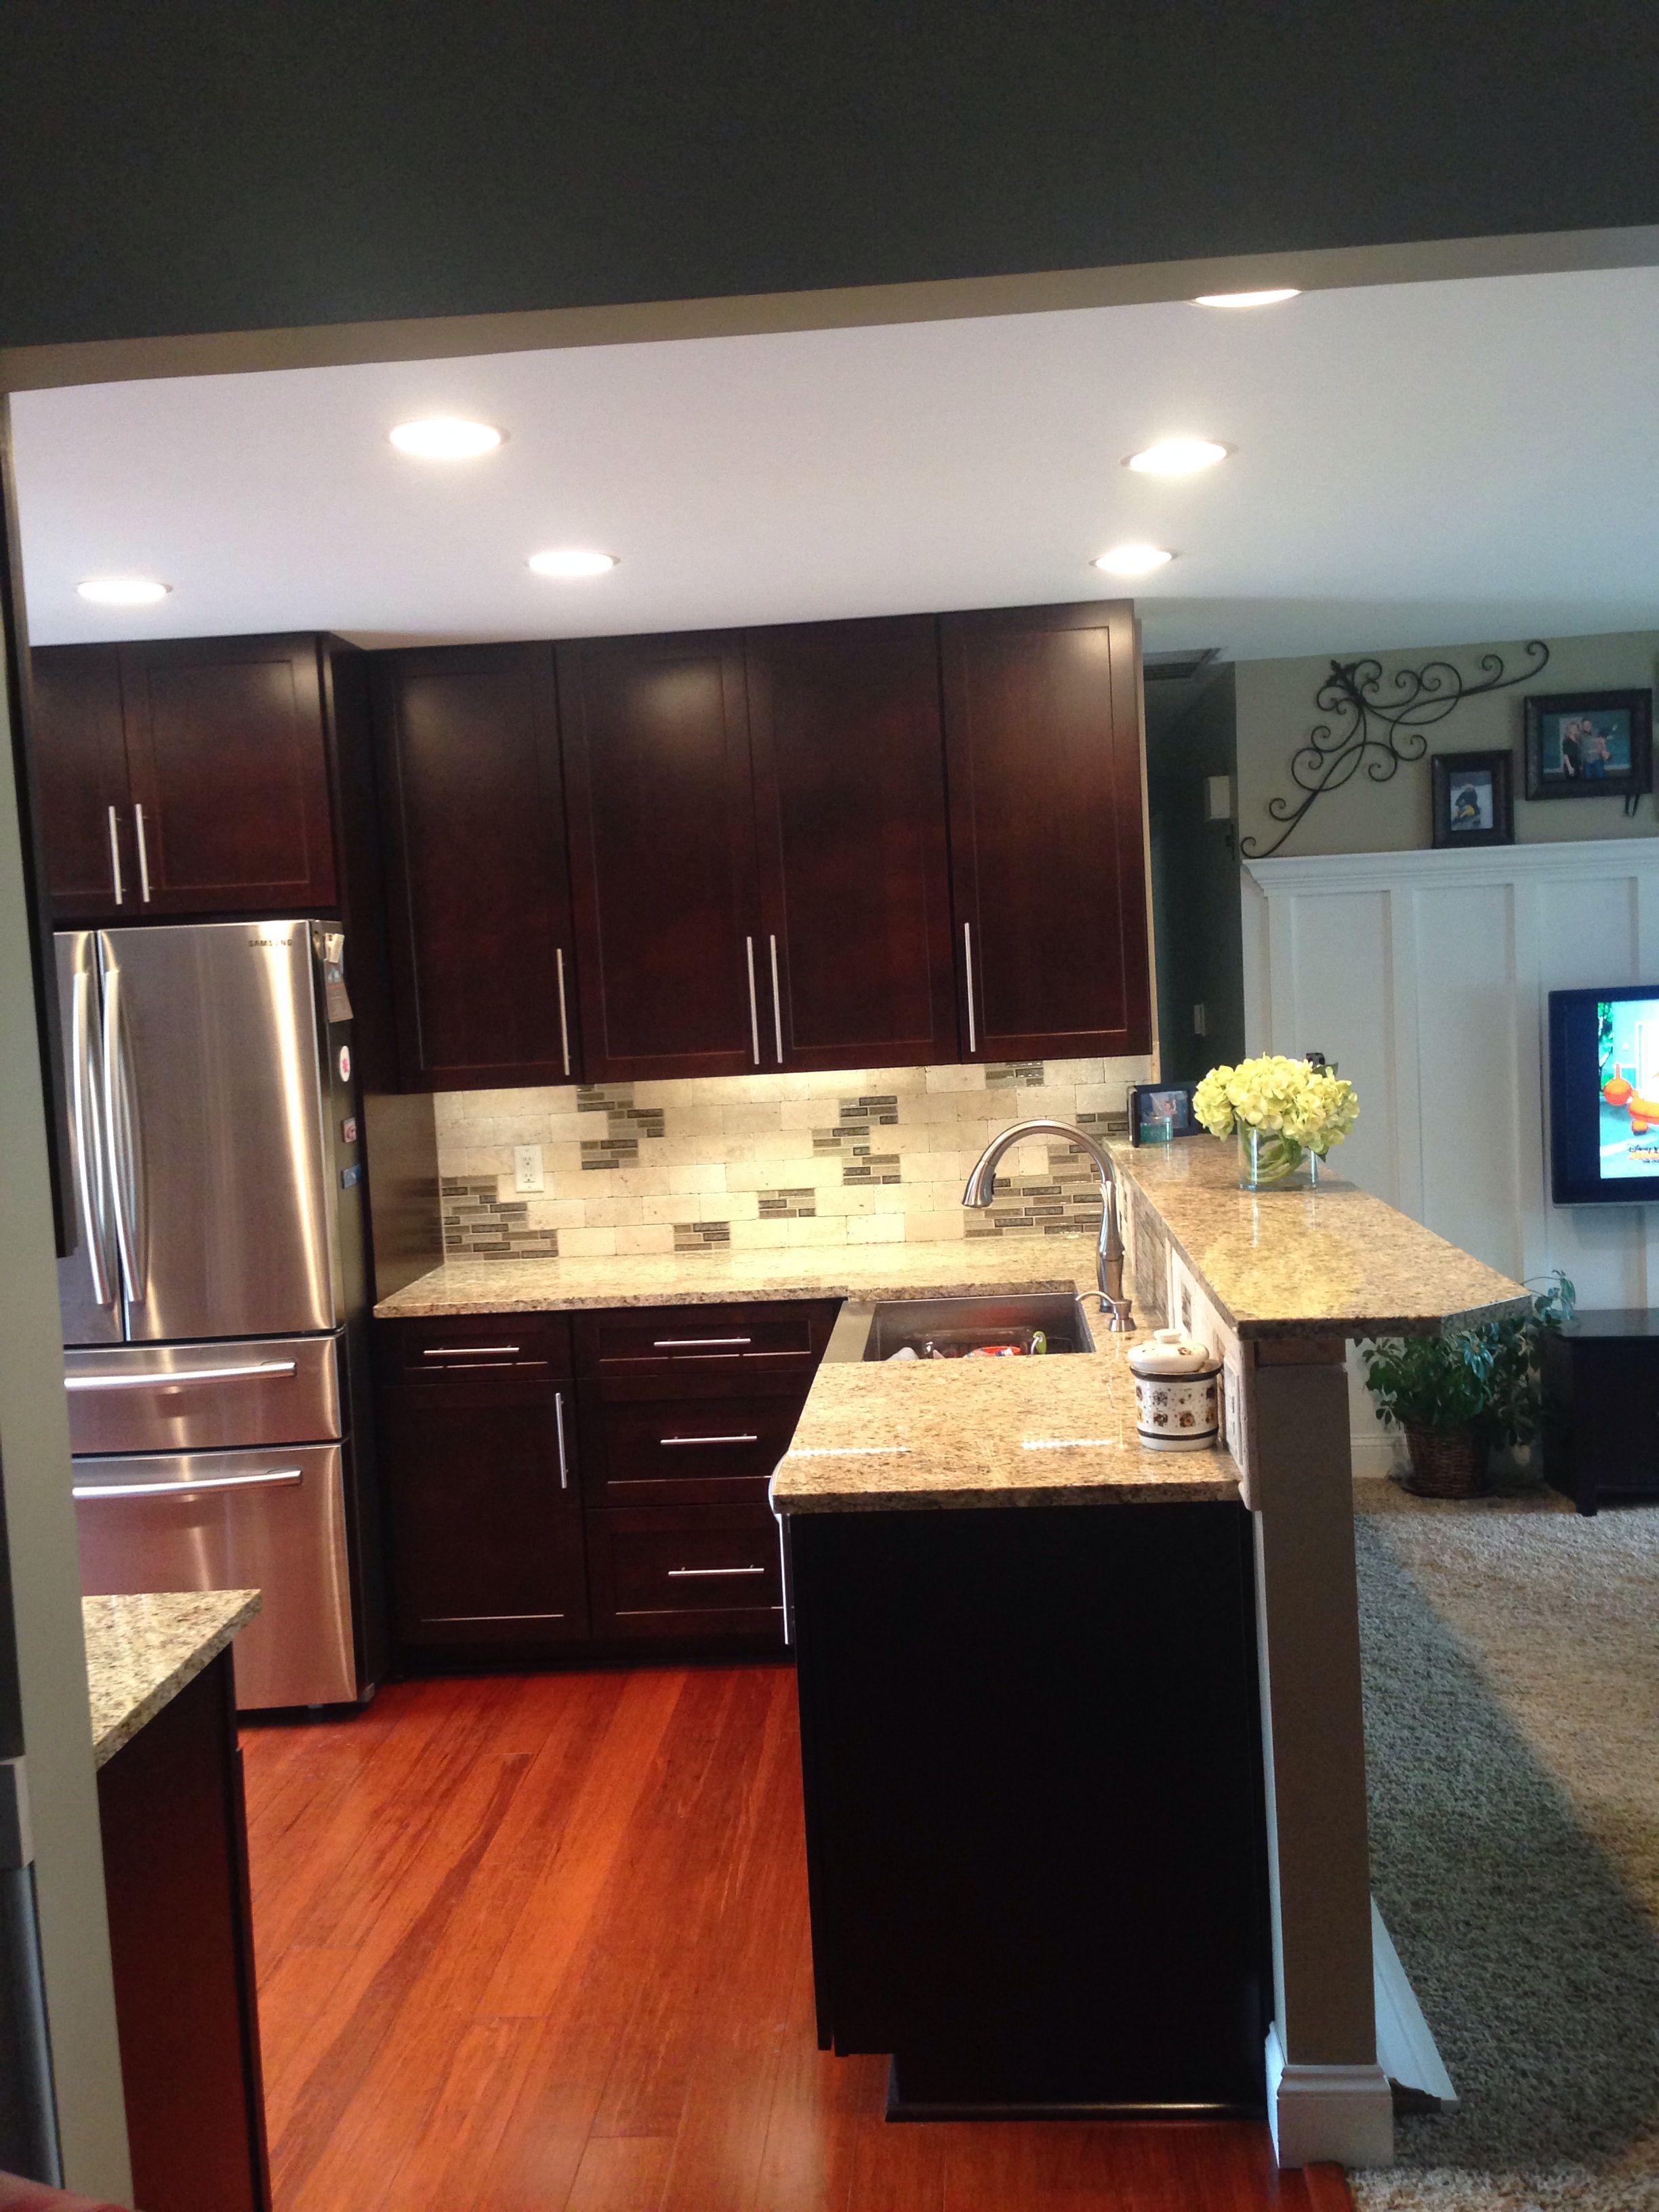 Kitchen Cabinet Interior Design: Shenandoah Cabinets Style: Breckinridge In Cherry Java